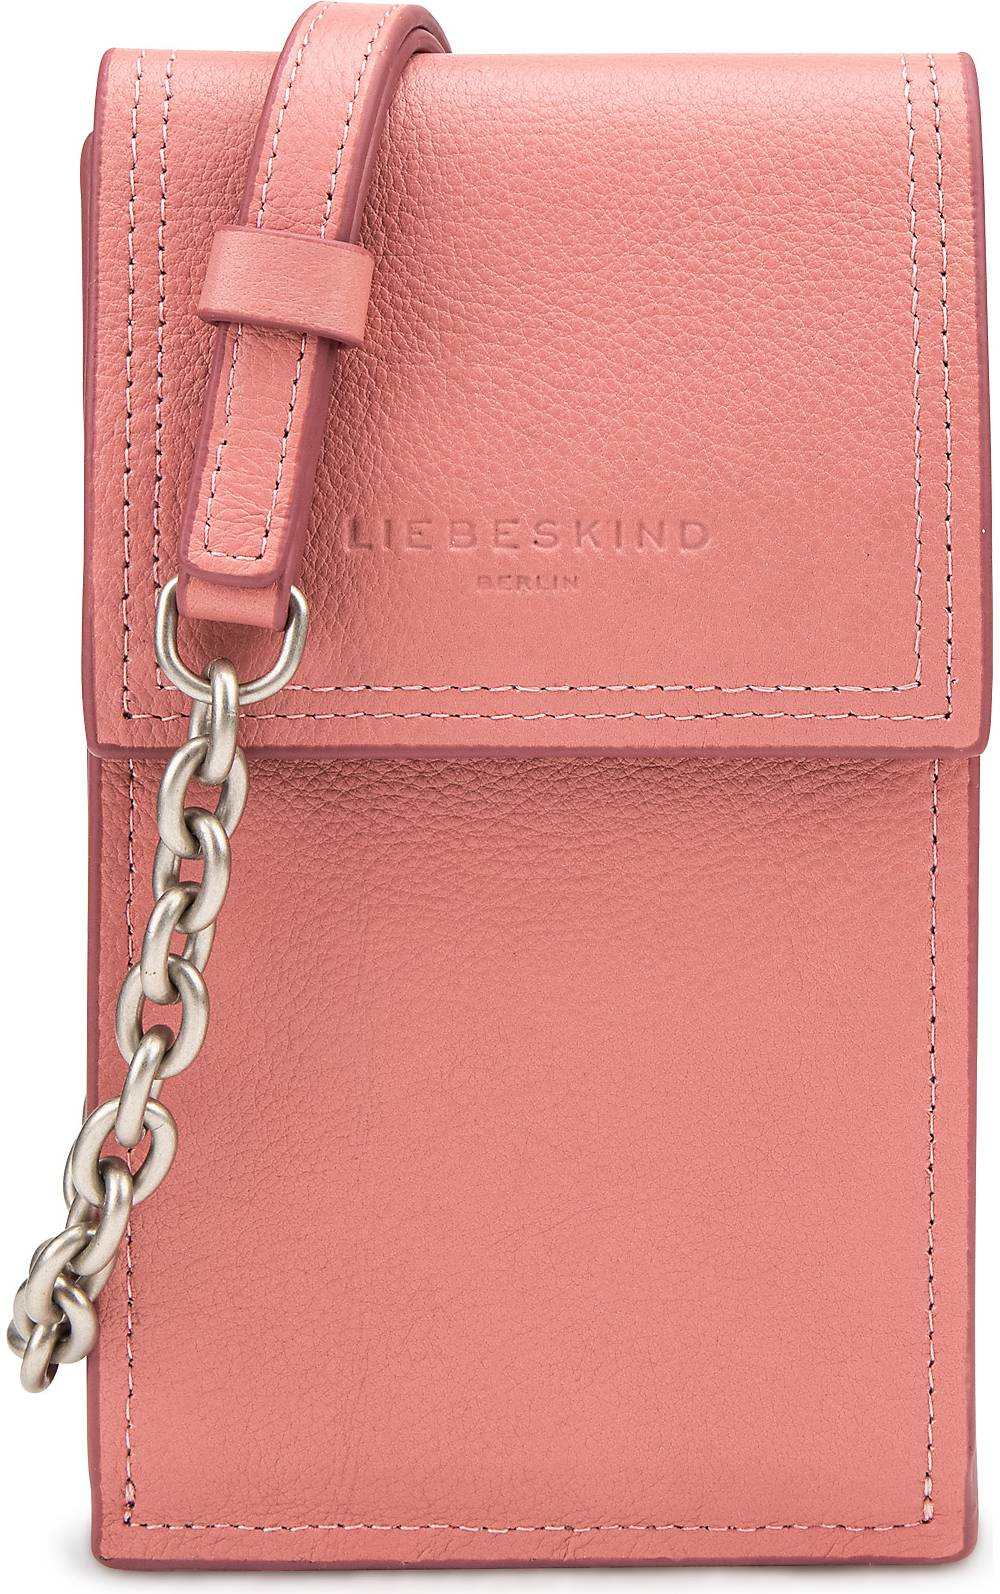 Liebeskind, Handytasche in rosa, Handyhüllen & Zubehör für Damen